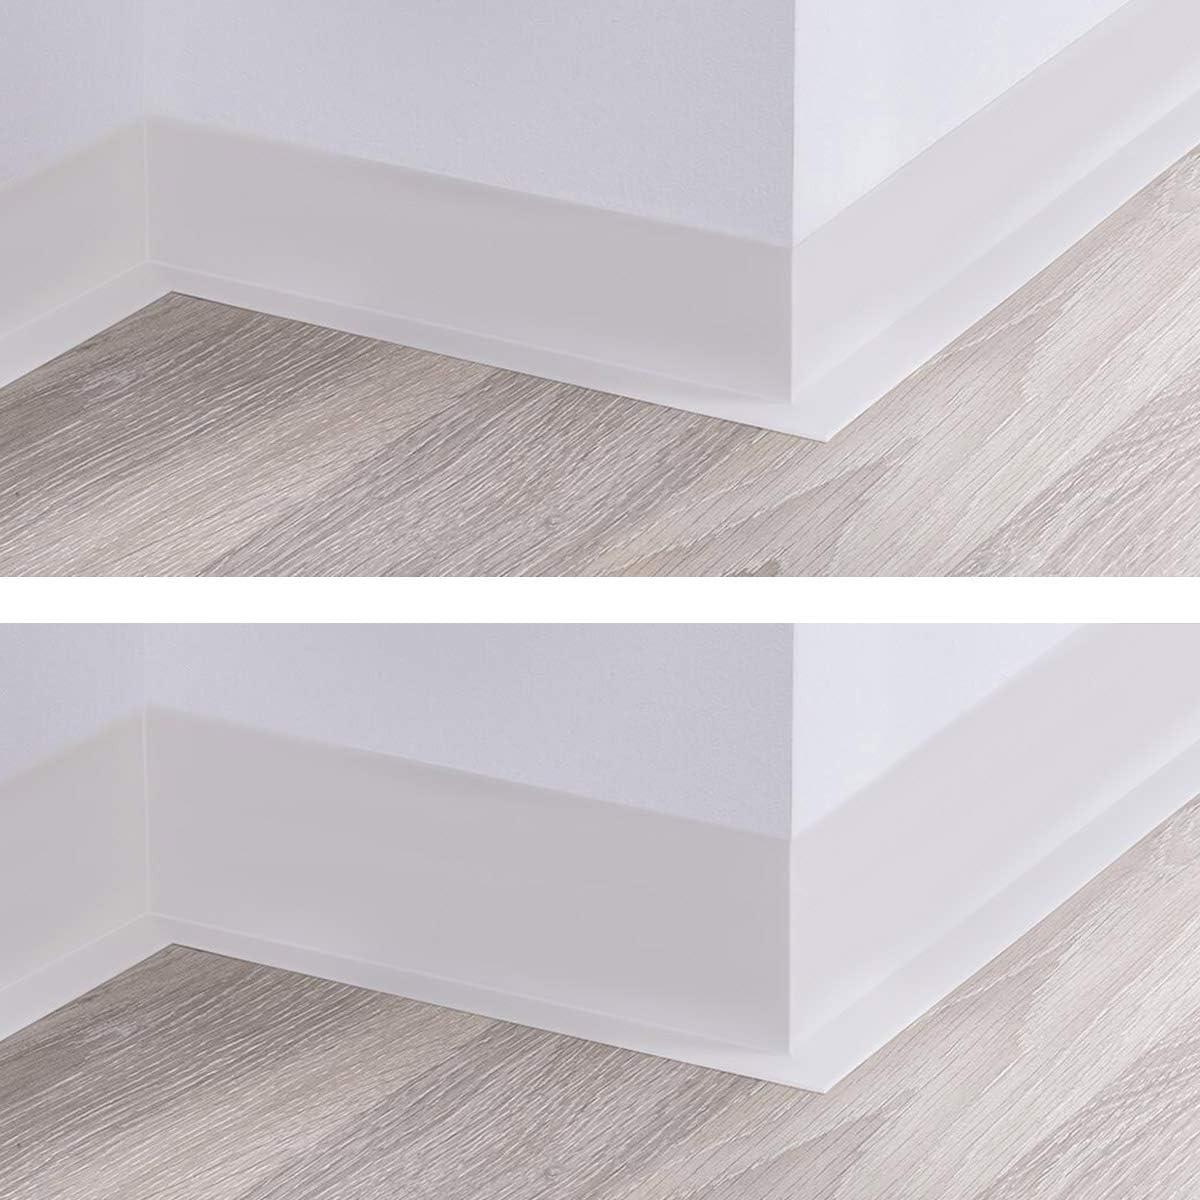 70x20 mm HOLZBRINK Perfil de Suelo Autoadhesivo Suave Blanco Pre Cortado Cinta PVC 10 m